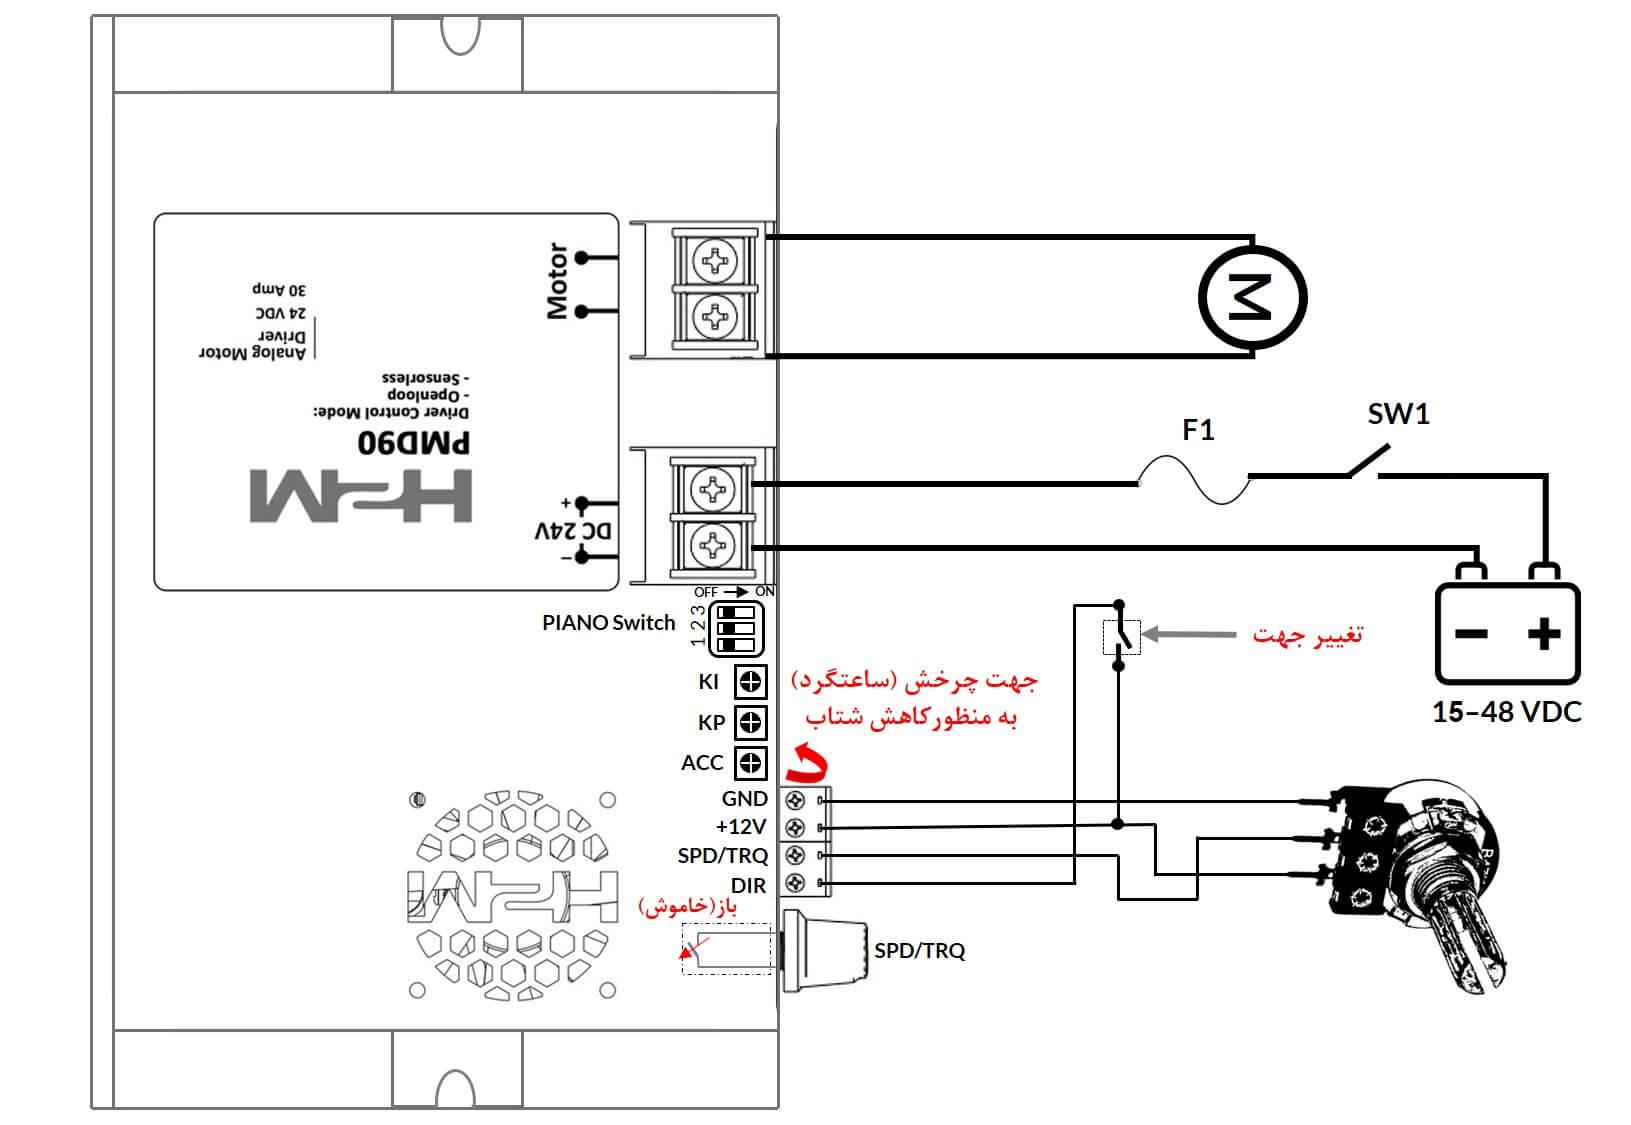 راه اندازی درایور PMD90 با ولوم خارجی - شکل ۹) تغییر سرعت و جهت با استفاده از ولوم و کلید خارجی (مد حلقه باز با حداکثر جریان 32 آمپر)